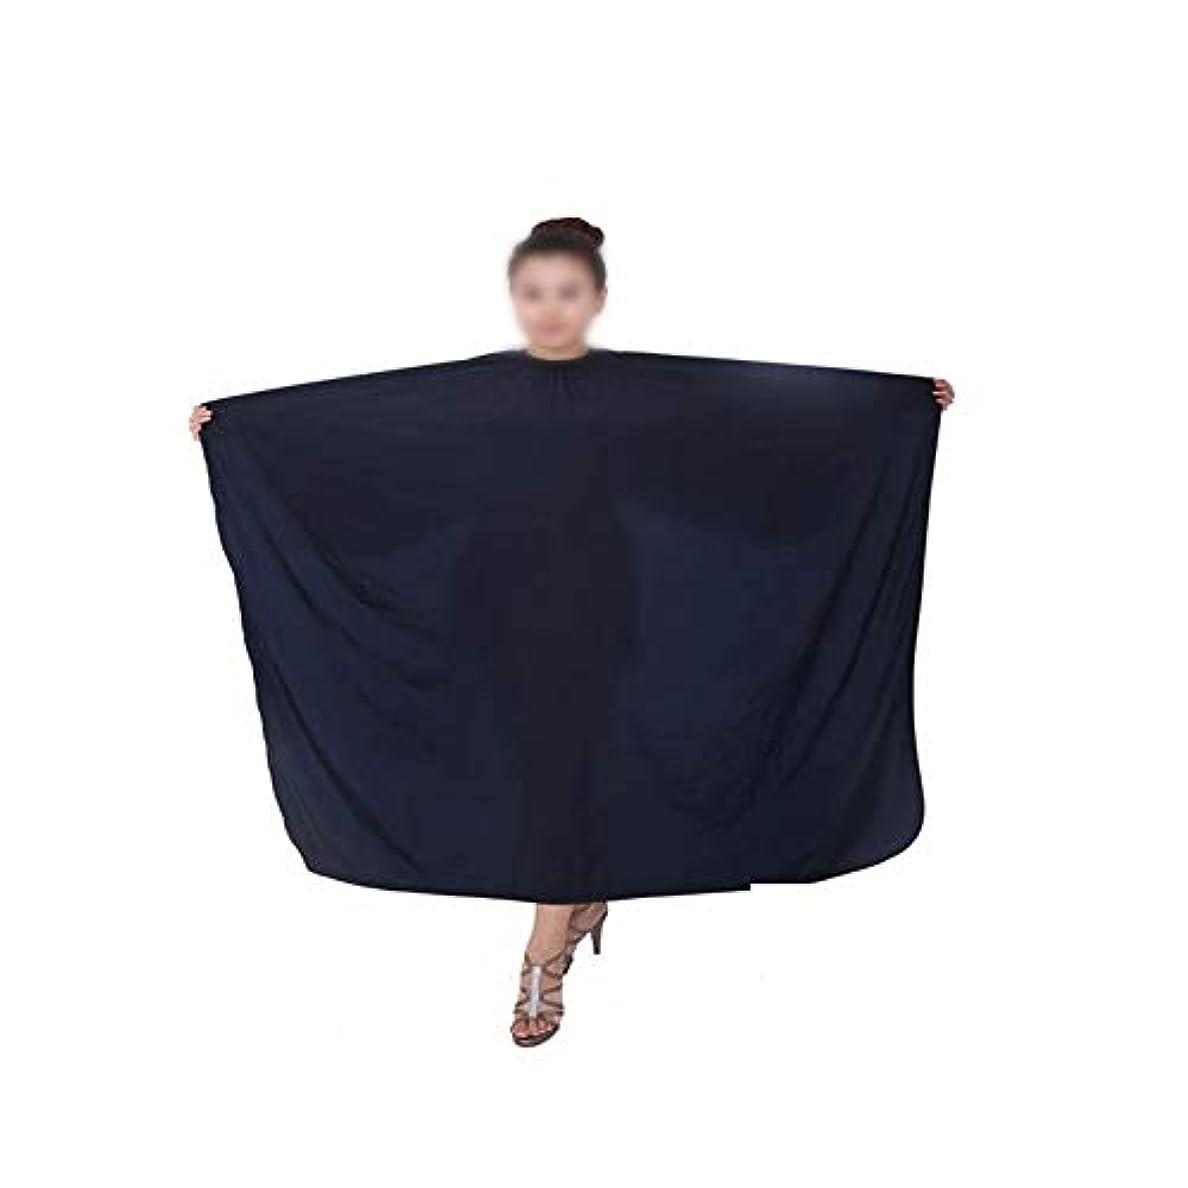 記述する解放するコンパクト3個の理髪師の防水ケープ布サロンヘアカッティングガウンのセット モデリングツール (色 : 黒)